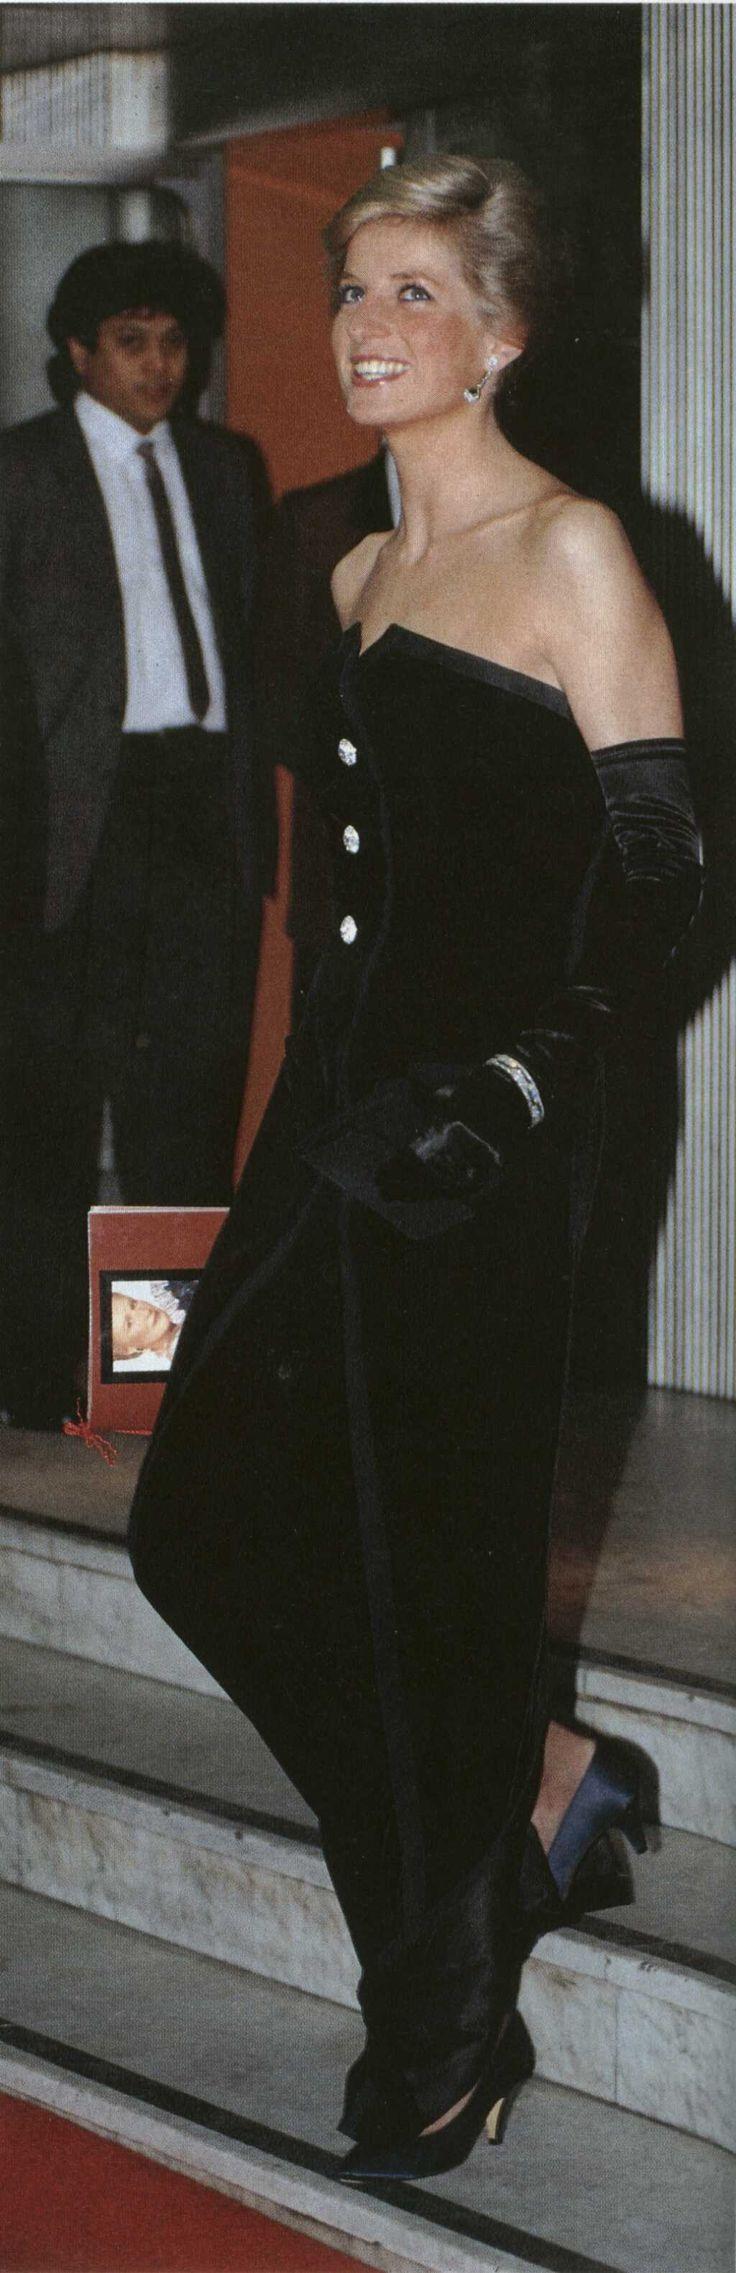 Princess Diana at film premiere of Dangerous Liaisons 1989